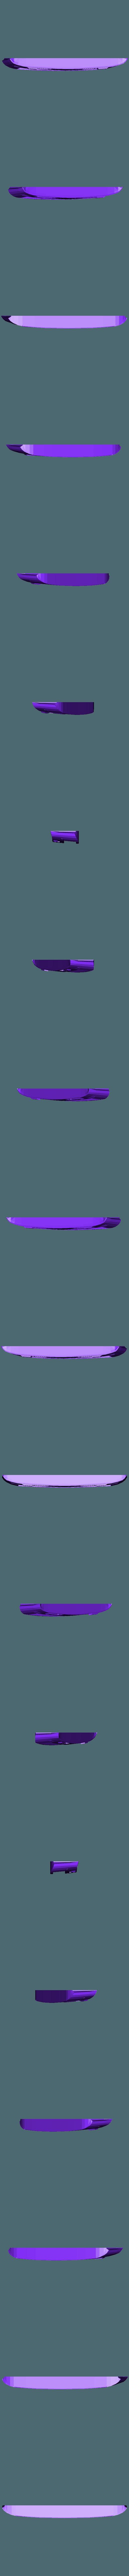 panneau_av.stl Télécharger fichier STL gratuit rc truck 1/14 FH body • Objet à imprimer en 3D, r083726